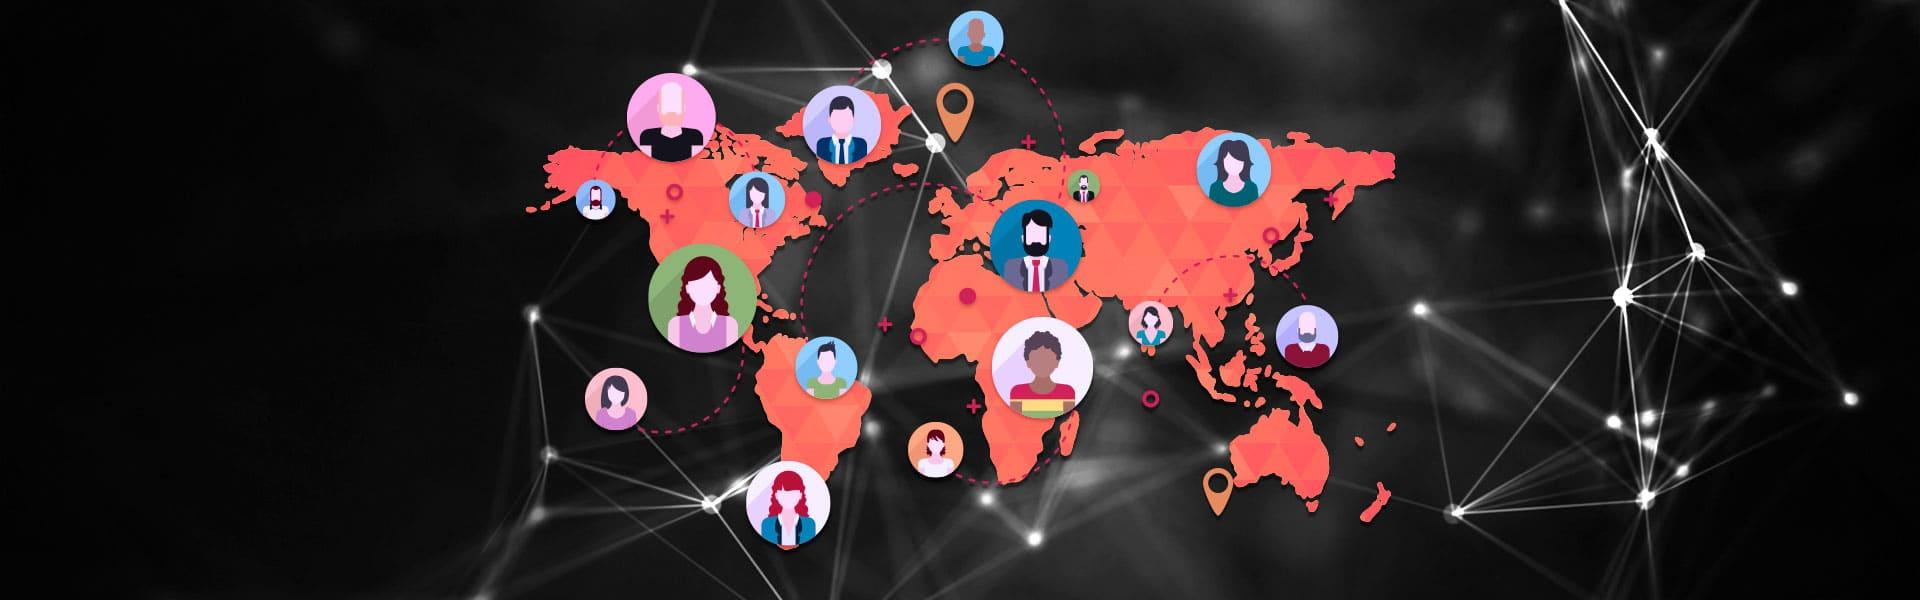 Партнерские сети, наиболее пригодные для работы